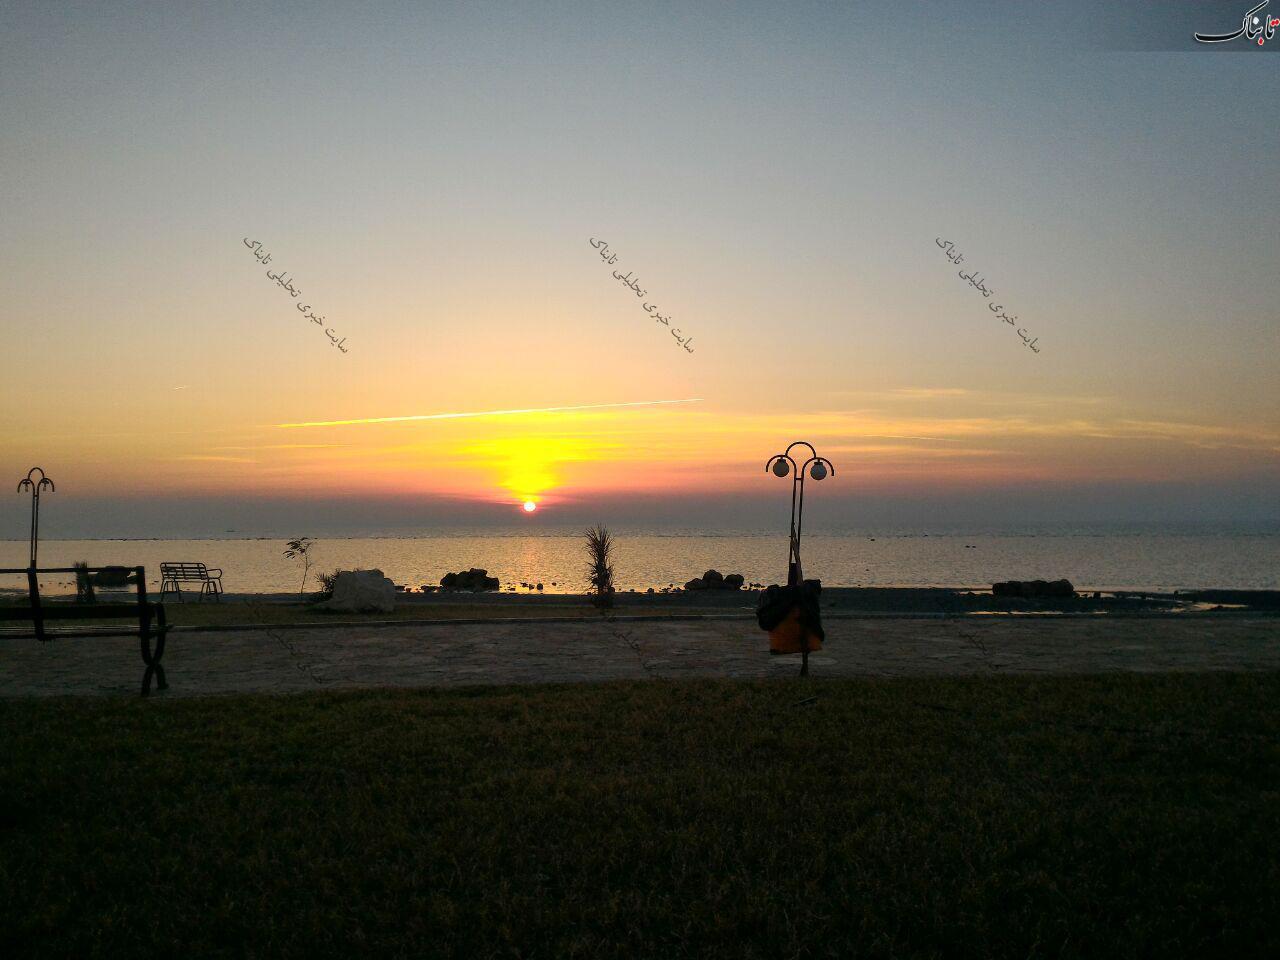 غروب جمعه در ساحل بوشهر